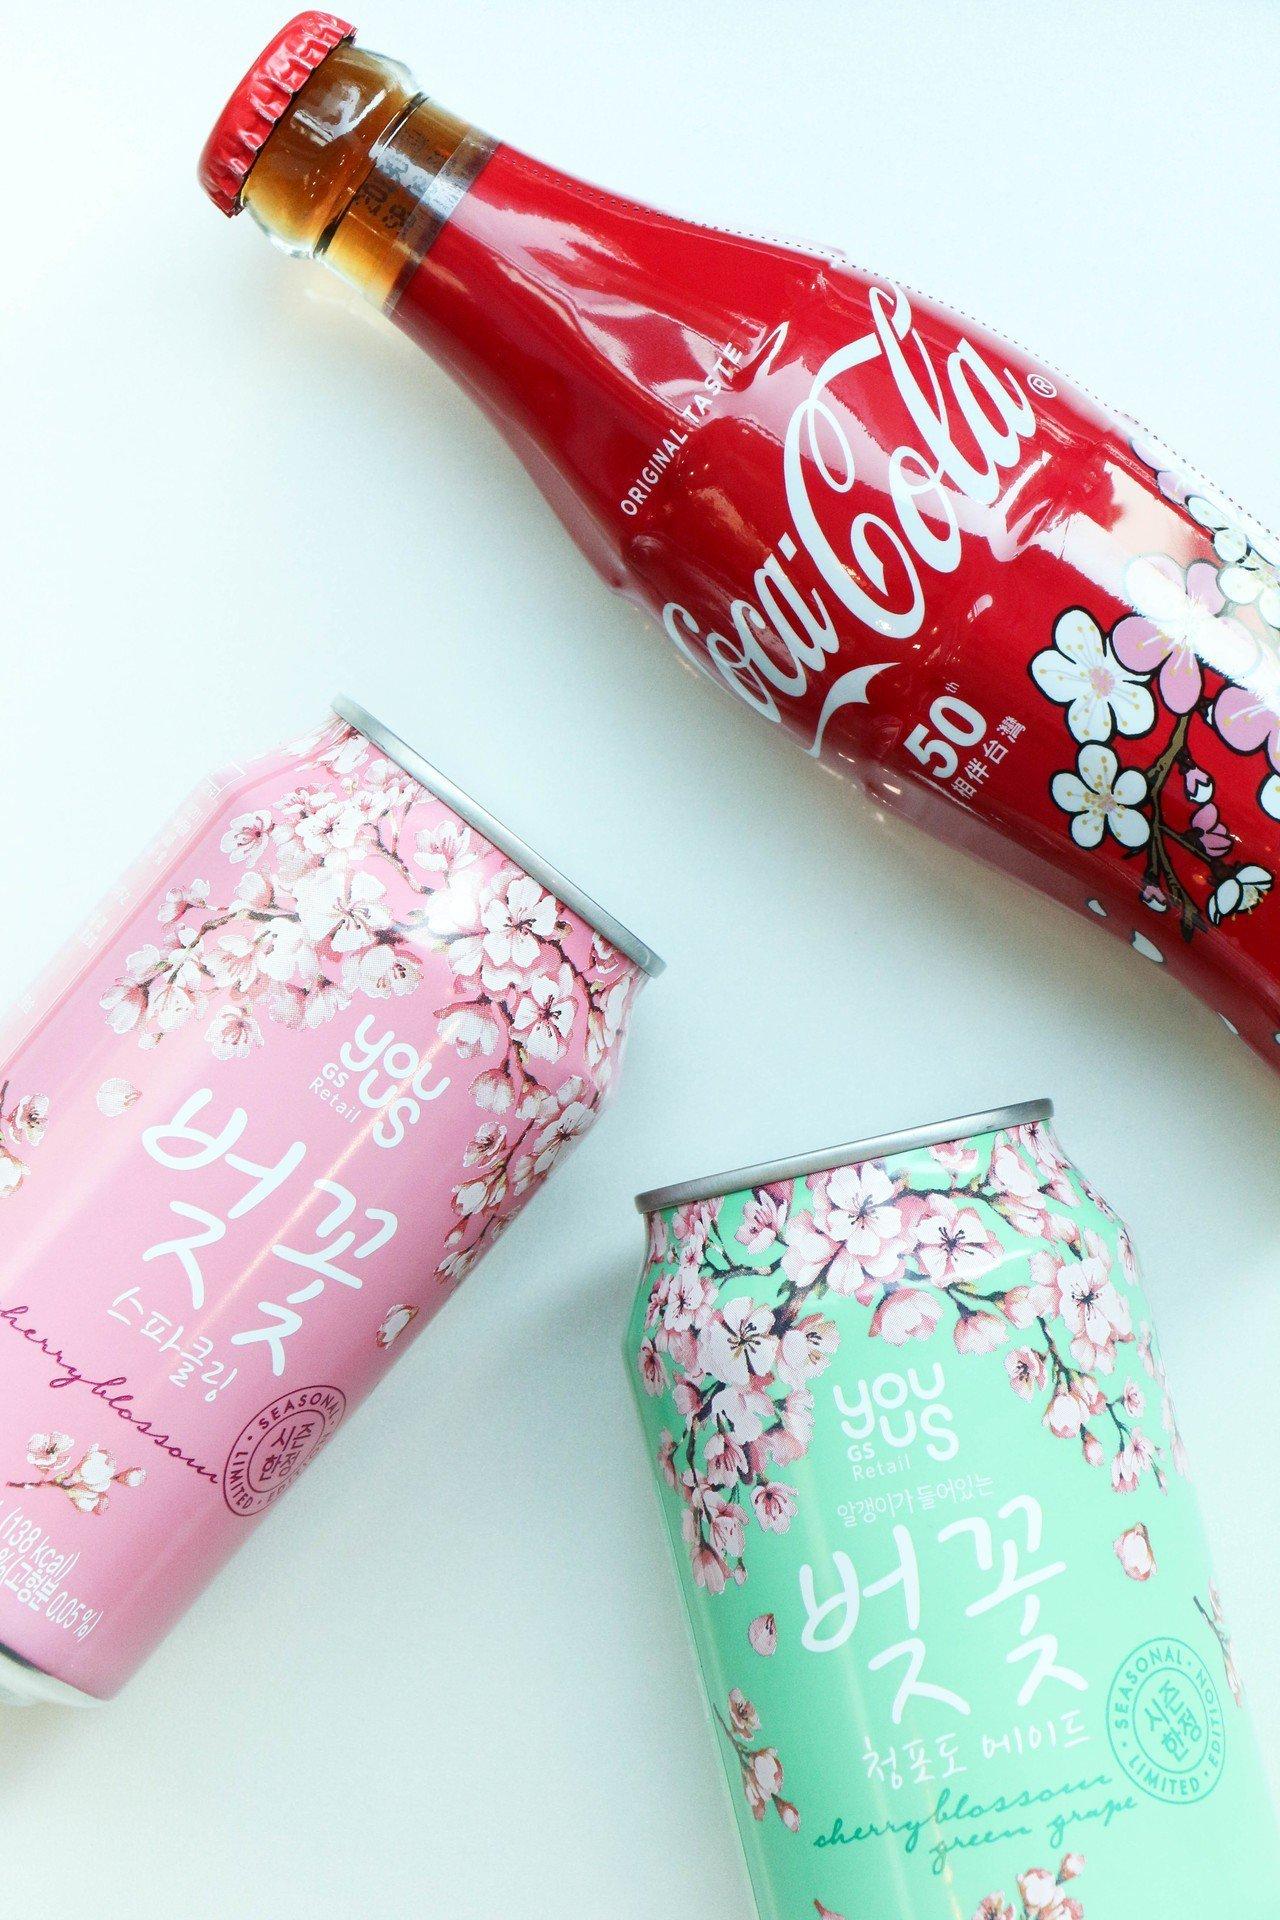 可口可樂櫻花瓶,售價35元。圖/謝欣倫攝影